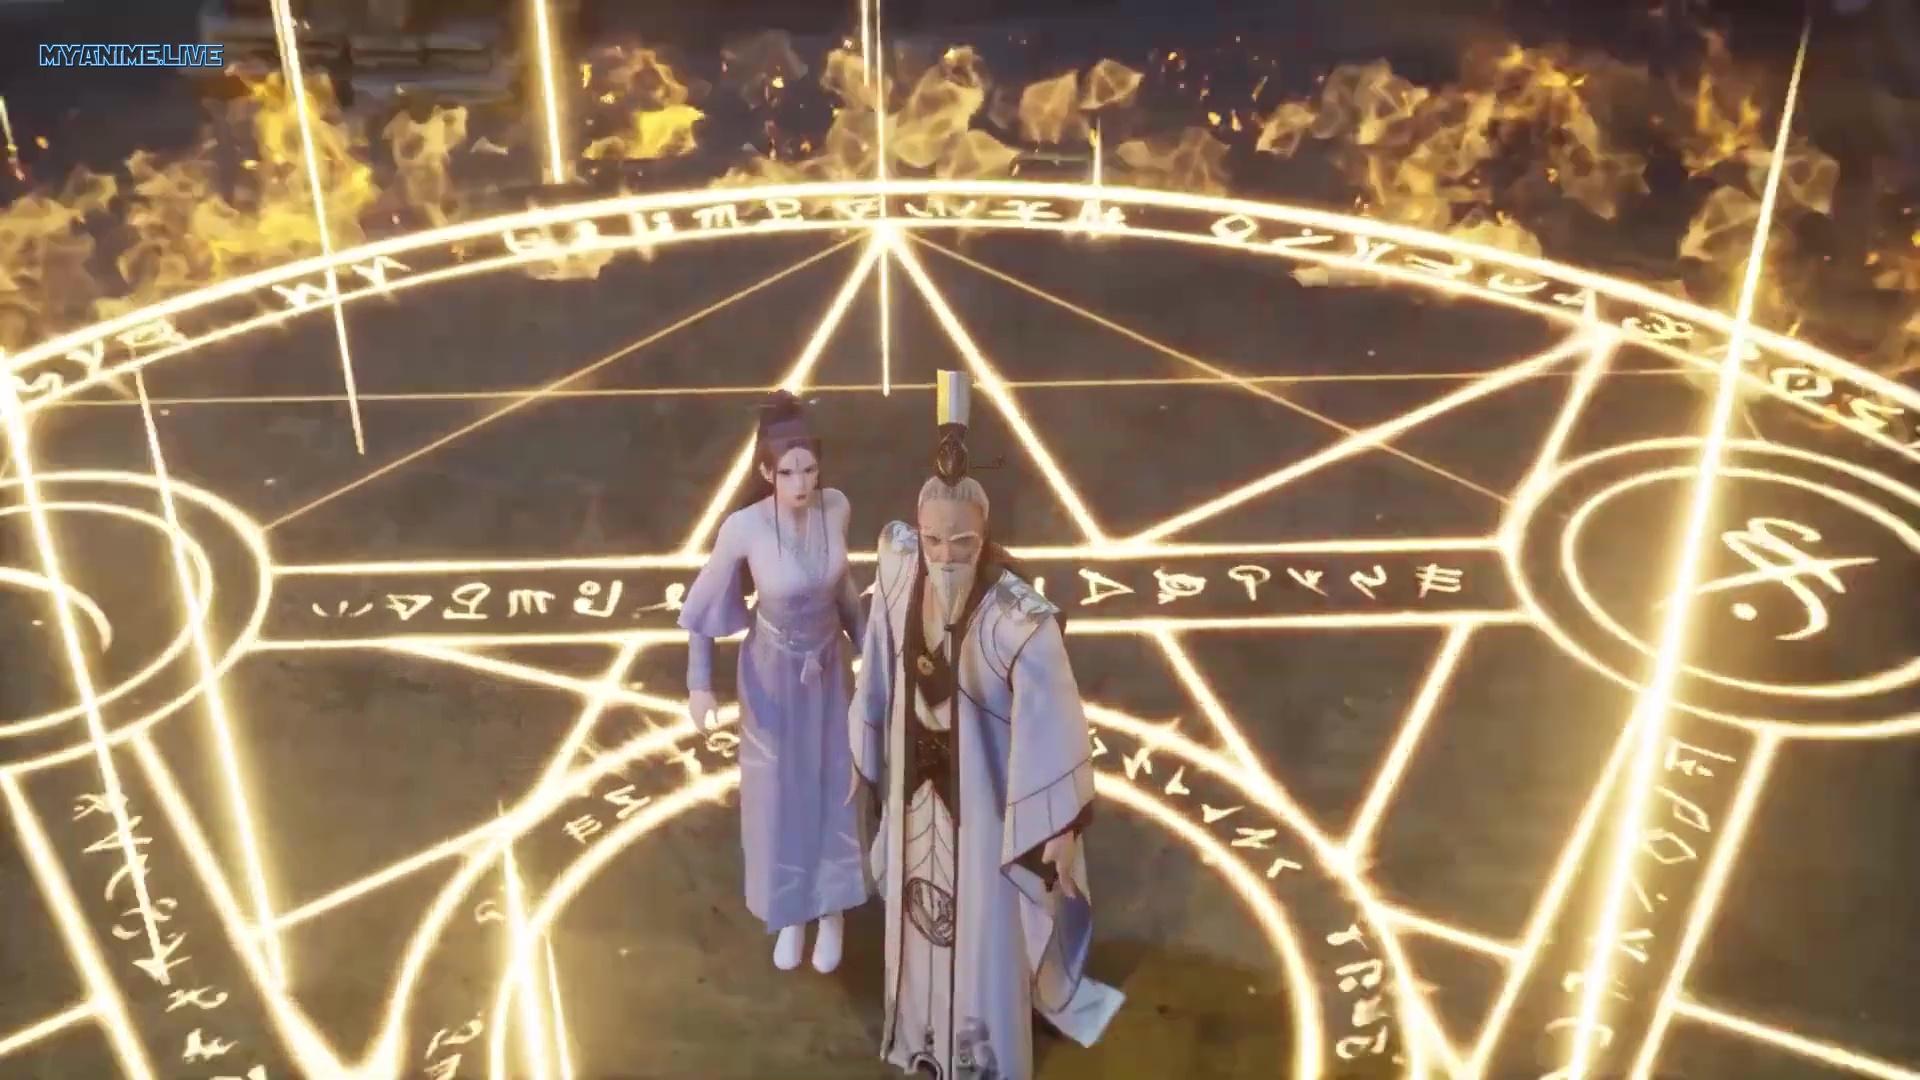 Wan Jie Xian Zong - Wonderland Season 5 episode 21 ( episode 197 ) english sub